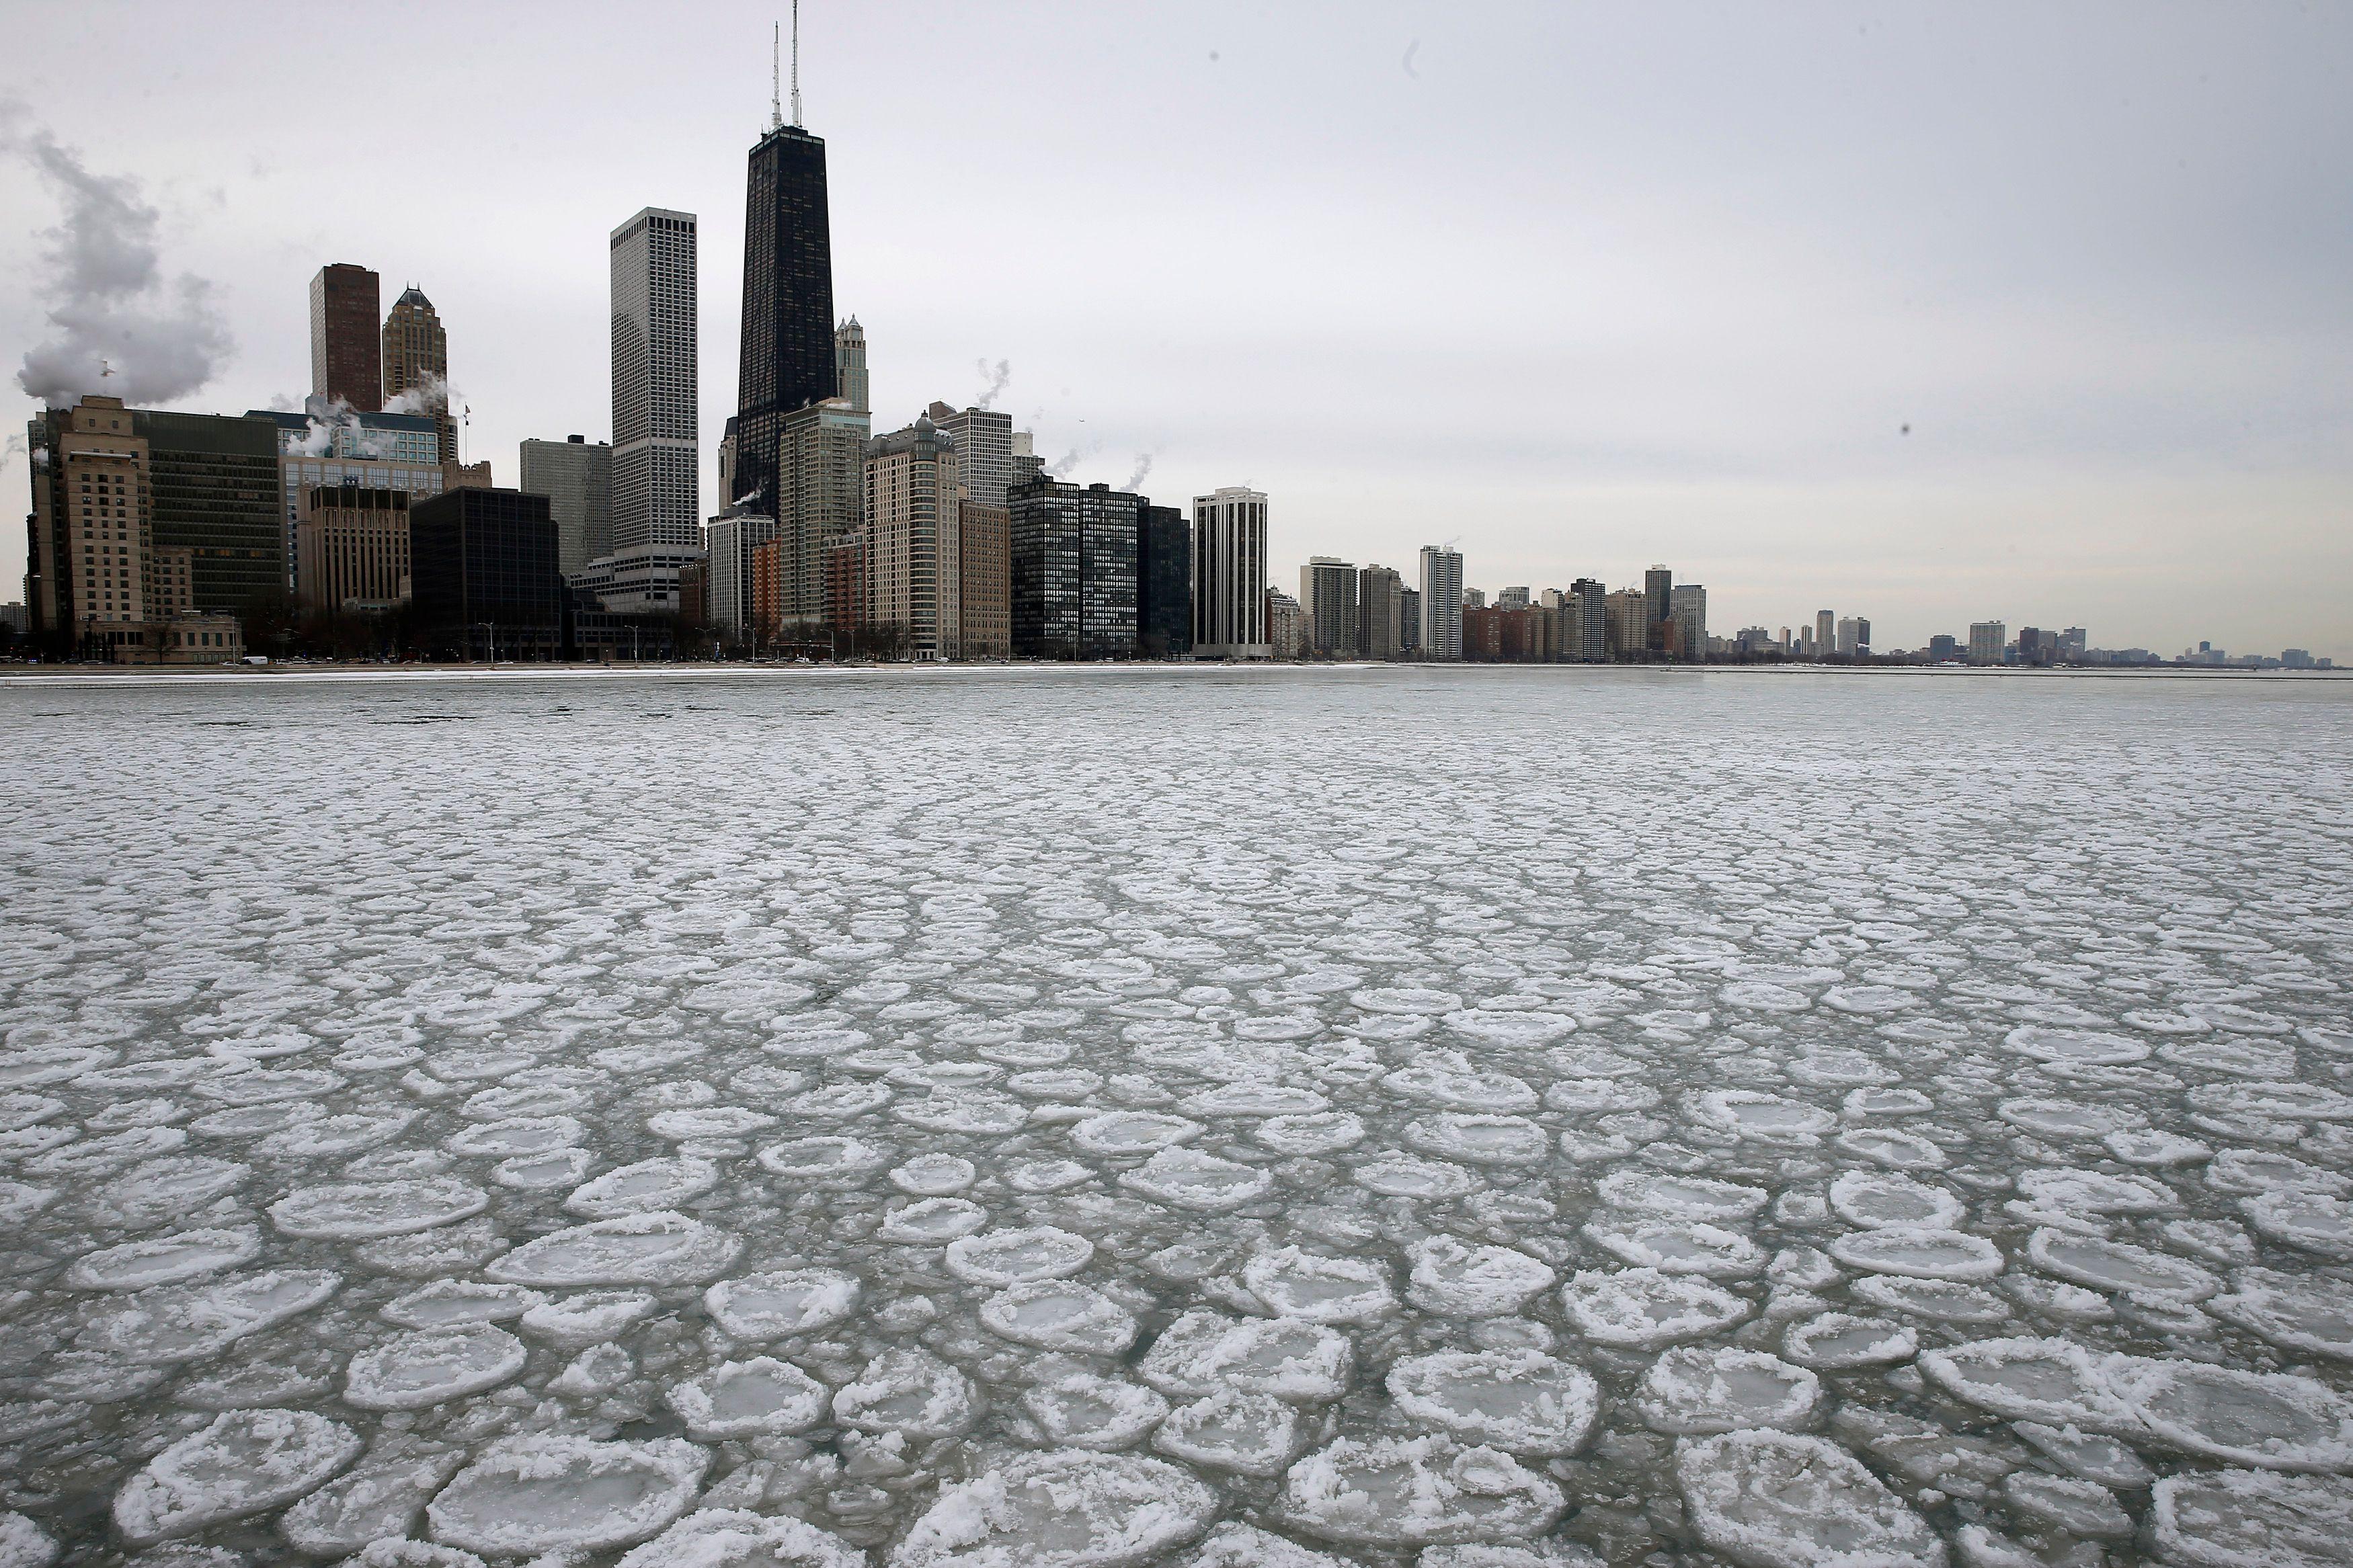 Le froid a paralysé Chicago